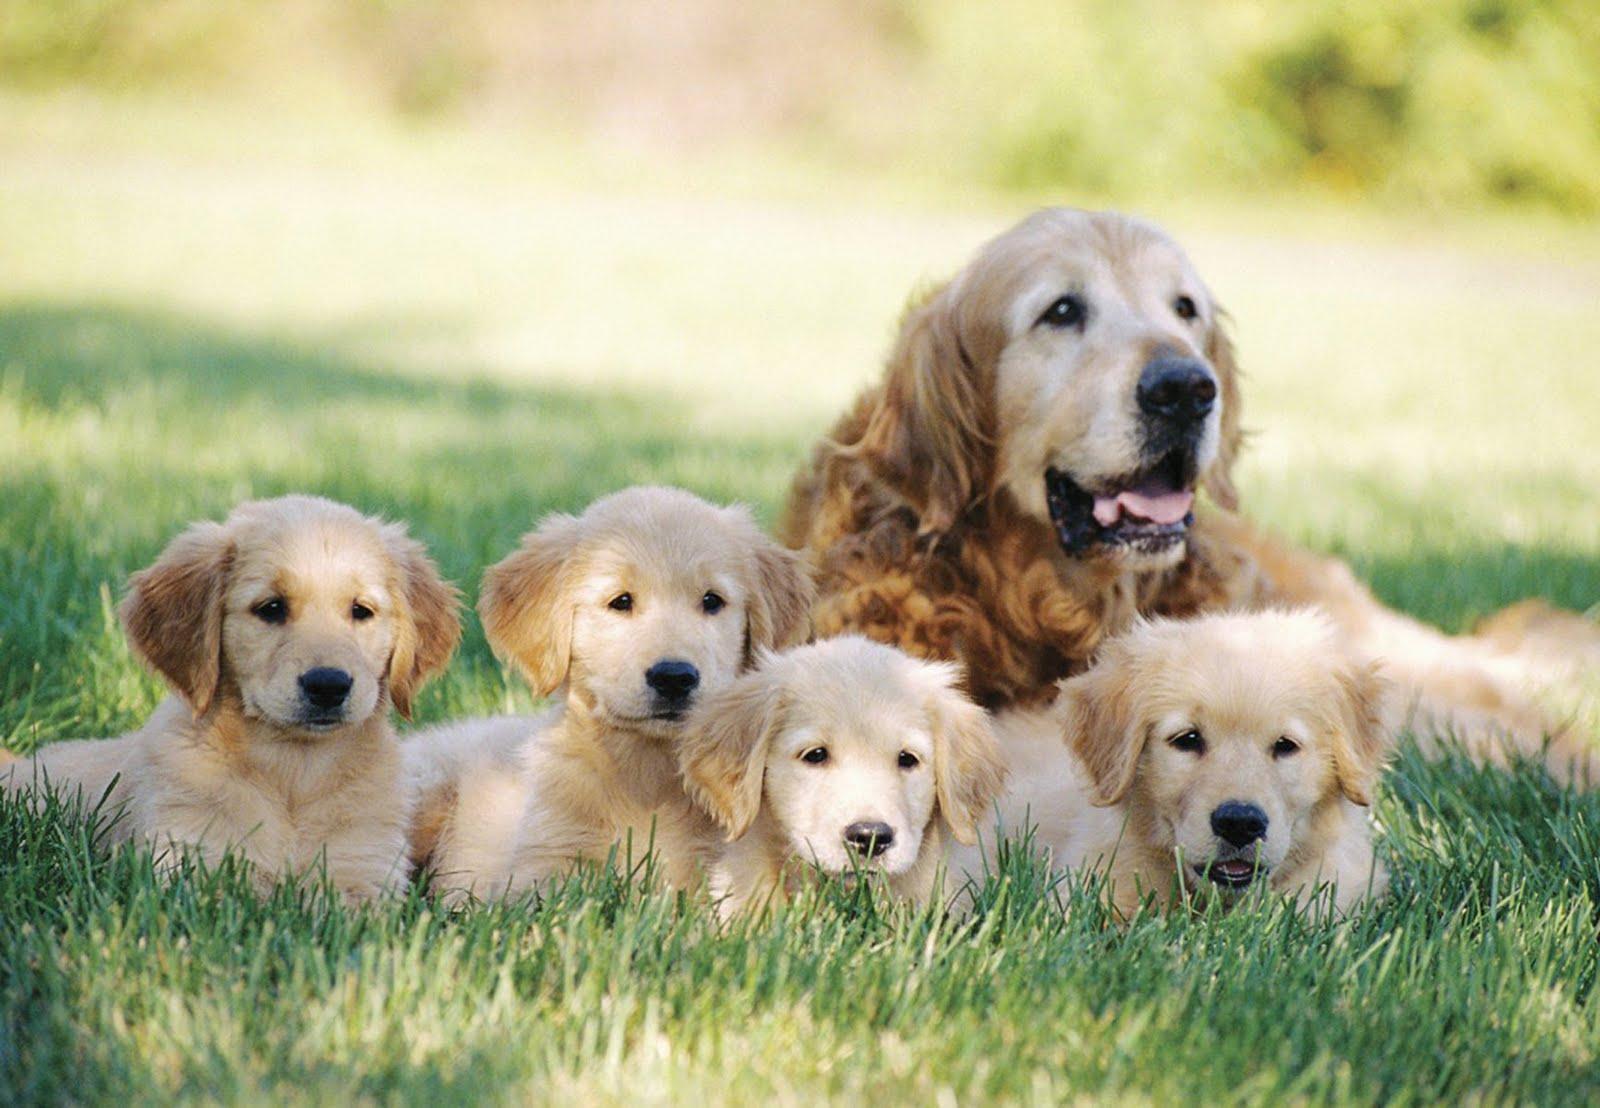 สุนัขพันธุ์โกลเด้นรีทรีฟเวอร์ สุนัขพันธุ์ใหญ่ที่น่าเลี้ยง